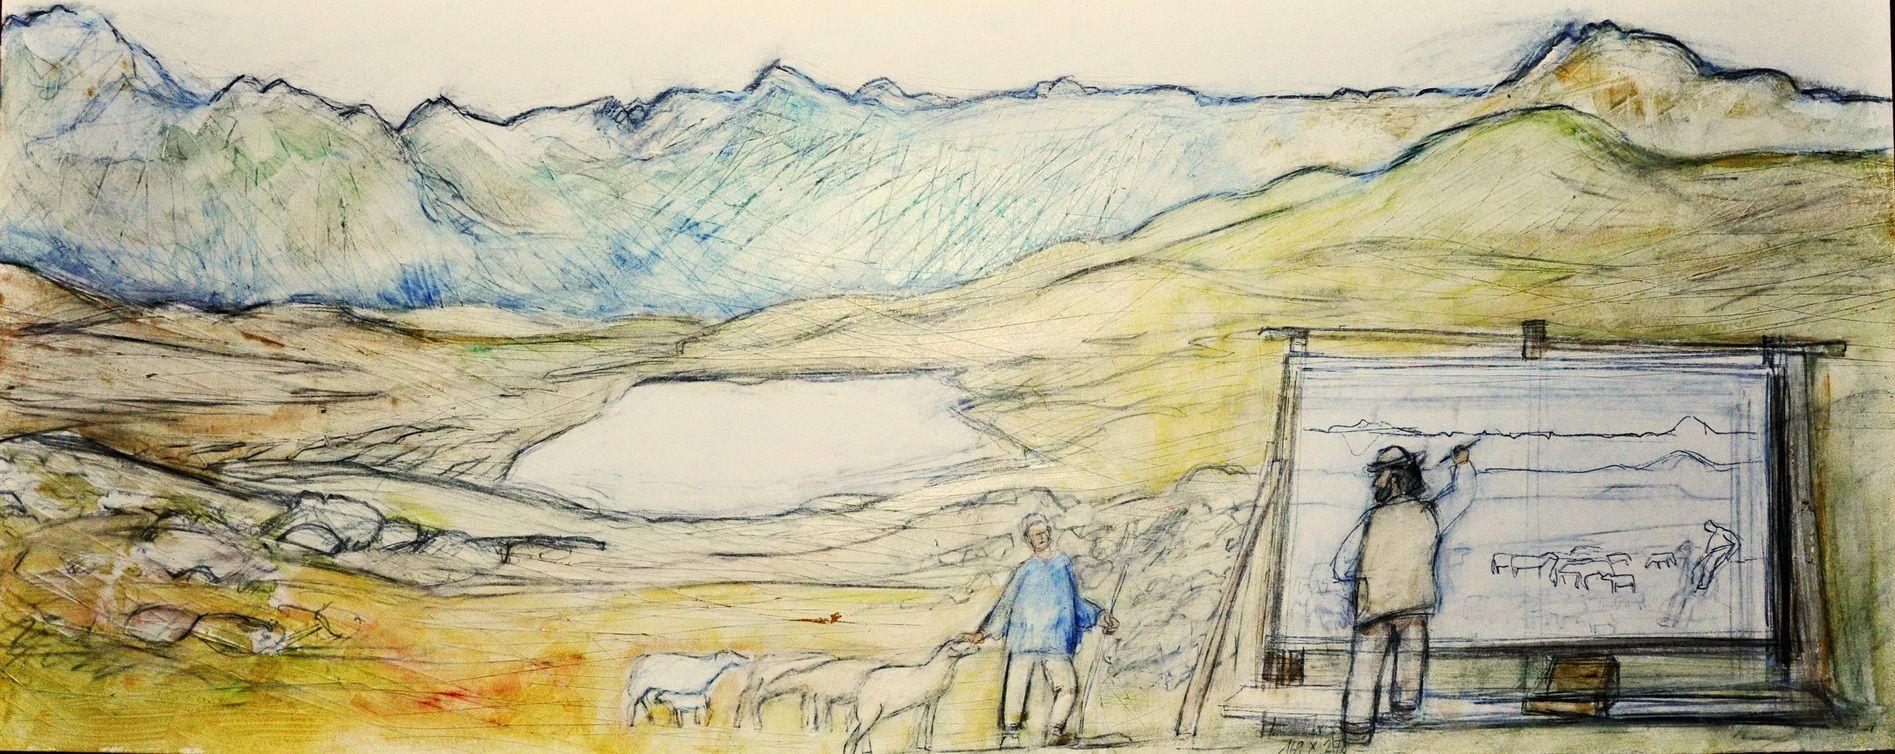 Giovanni Segantini – Szenen seines Lebens Slide 2